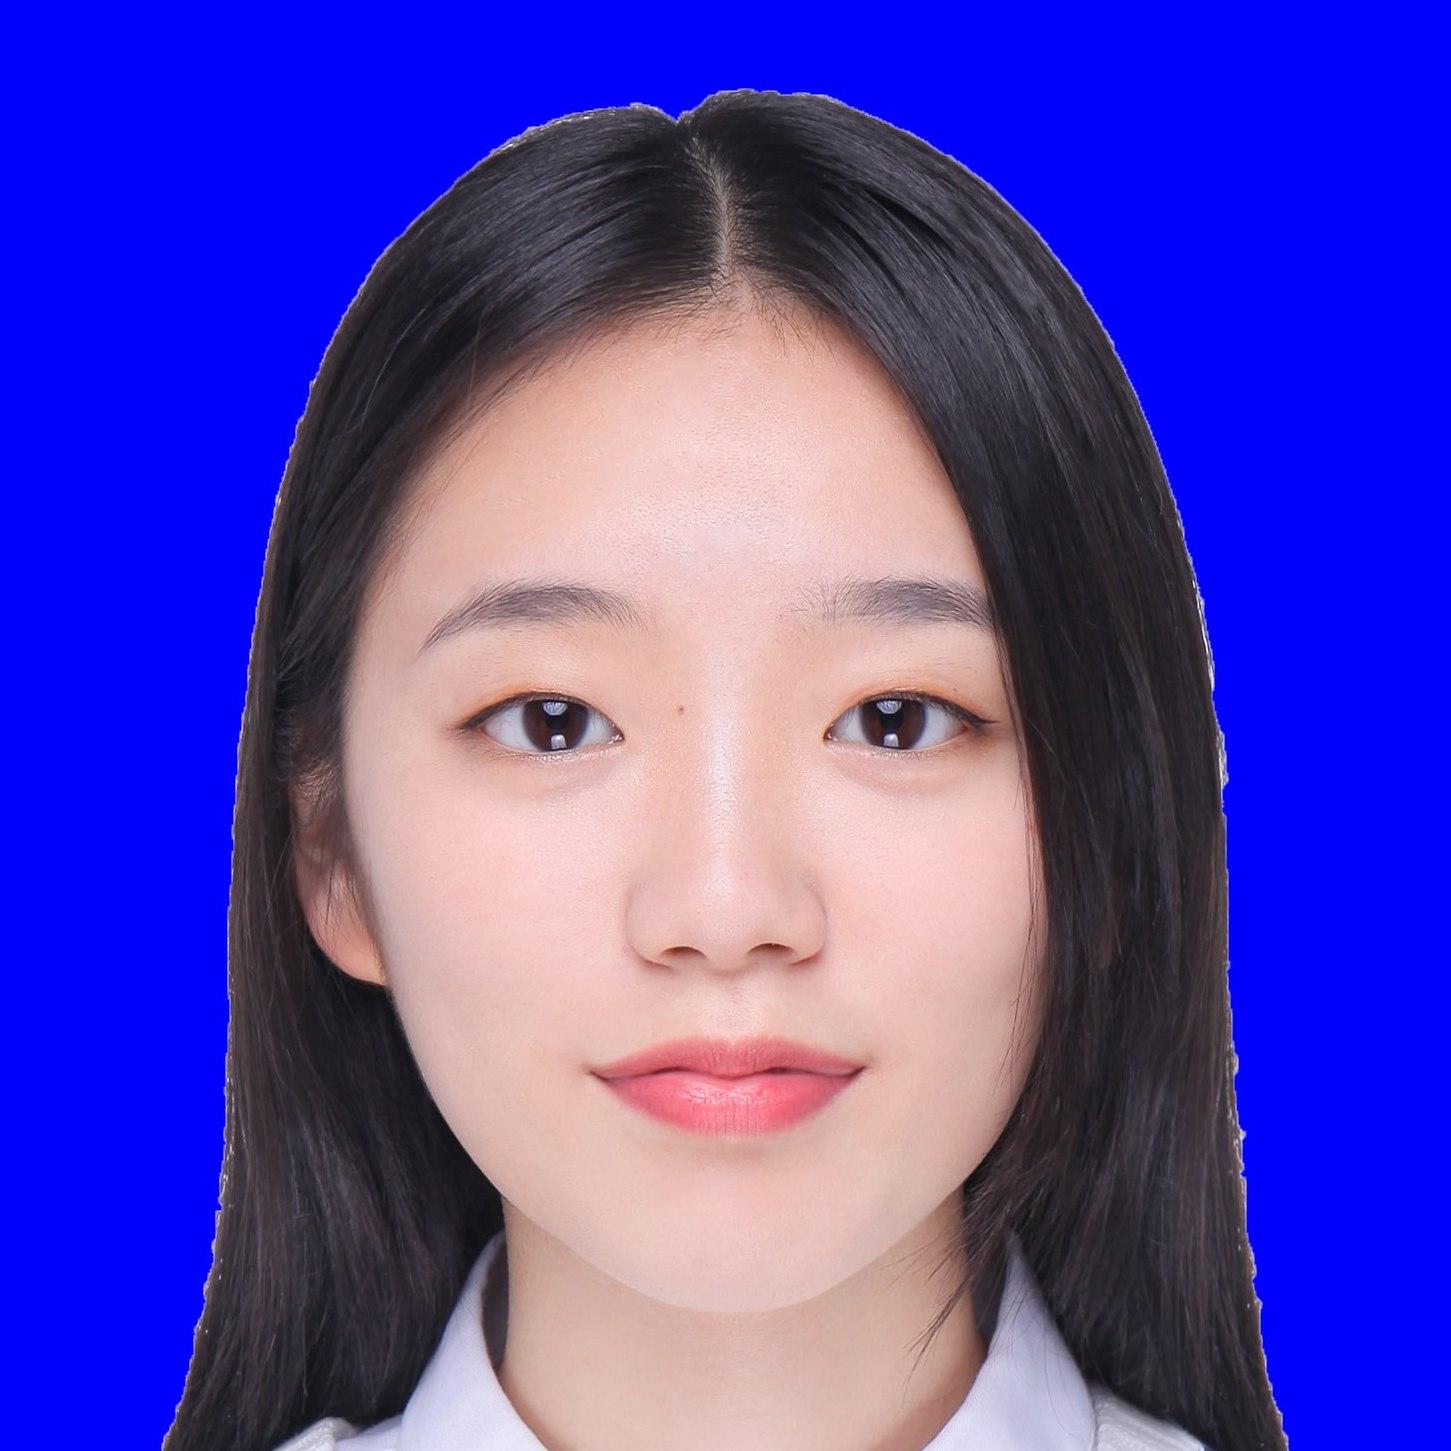 上海家教夏老師